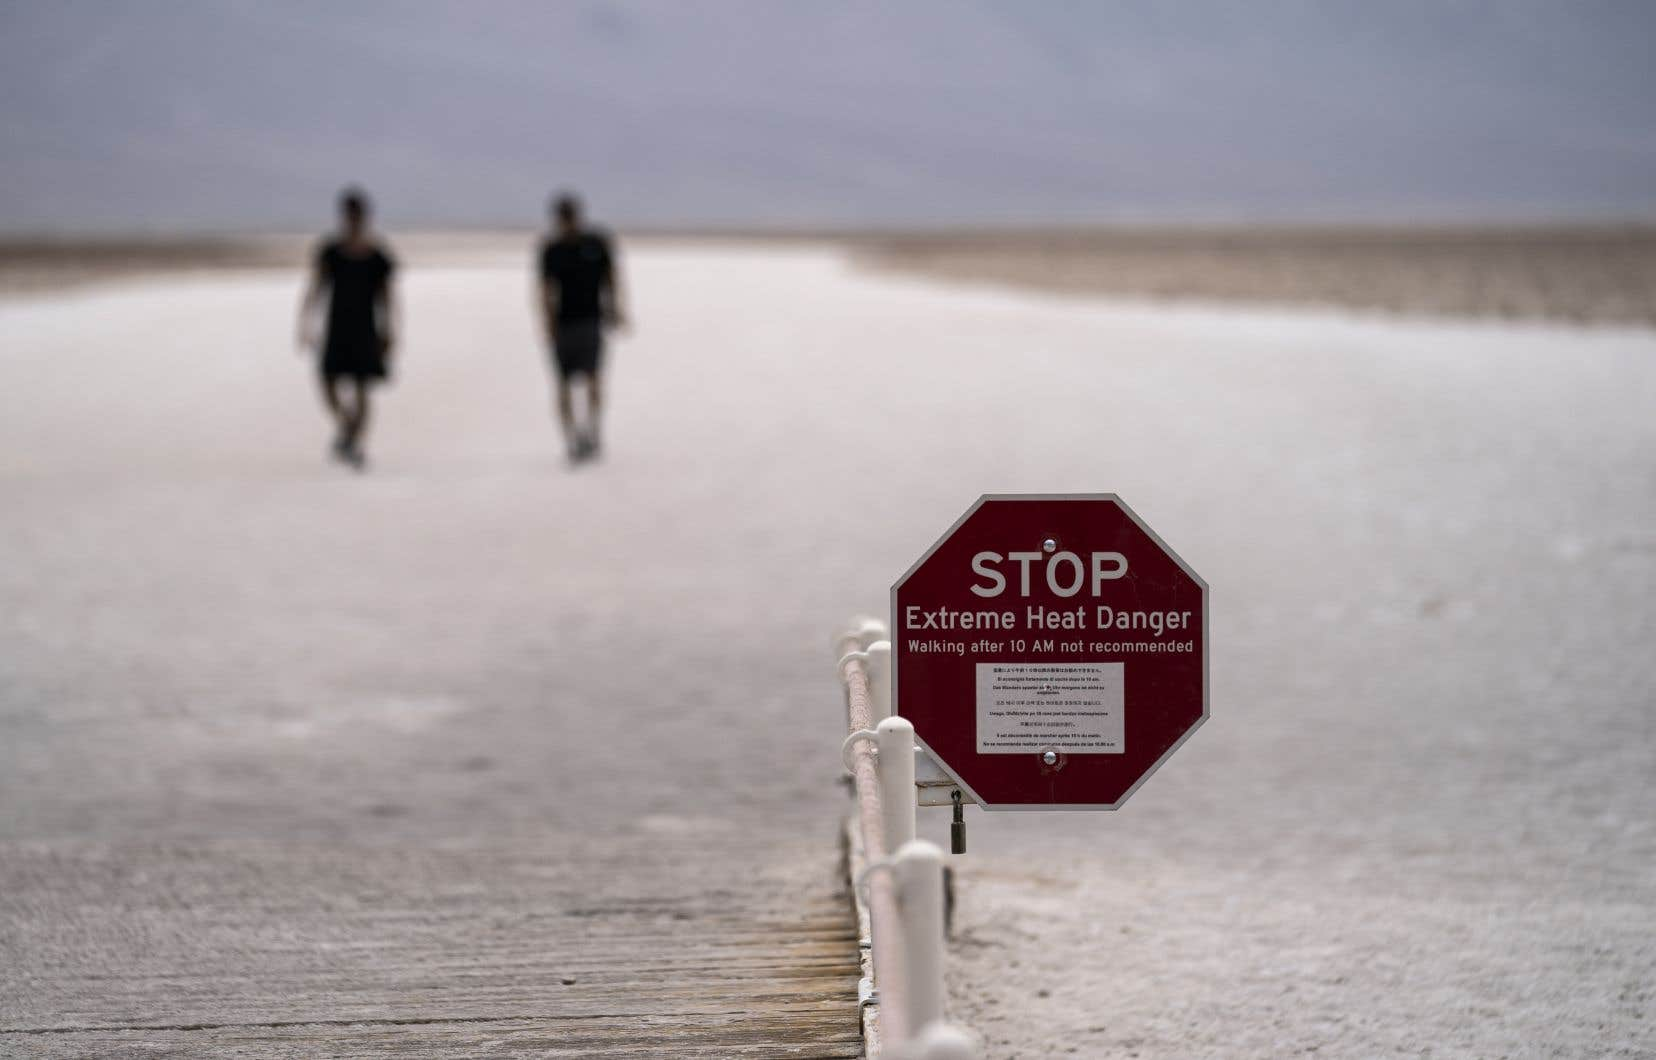 Les températures attendues en début de semaine dans le sud de la Californie devraient approcher les 40°C après des pointes jusqu'à 52-54°C durant le week-end dans la Vallée de la Mort.